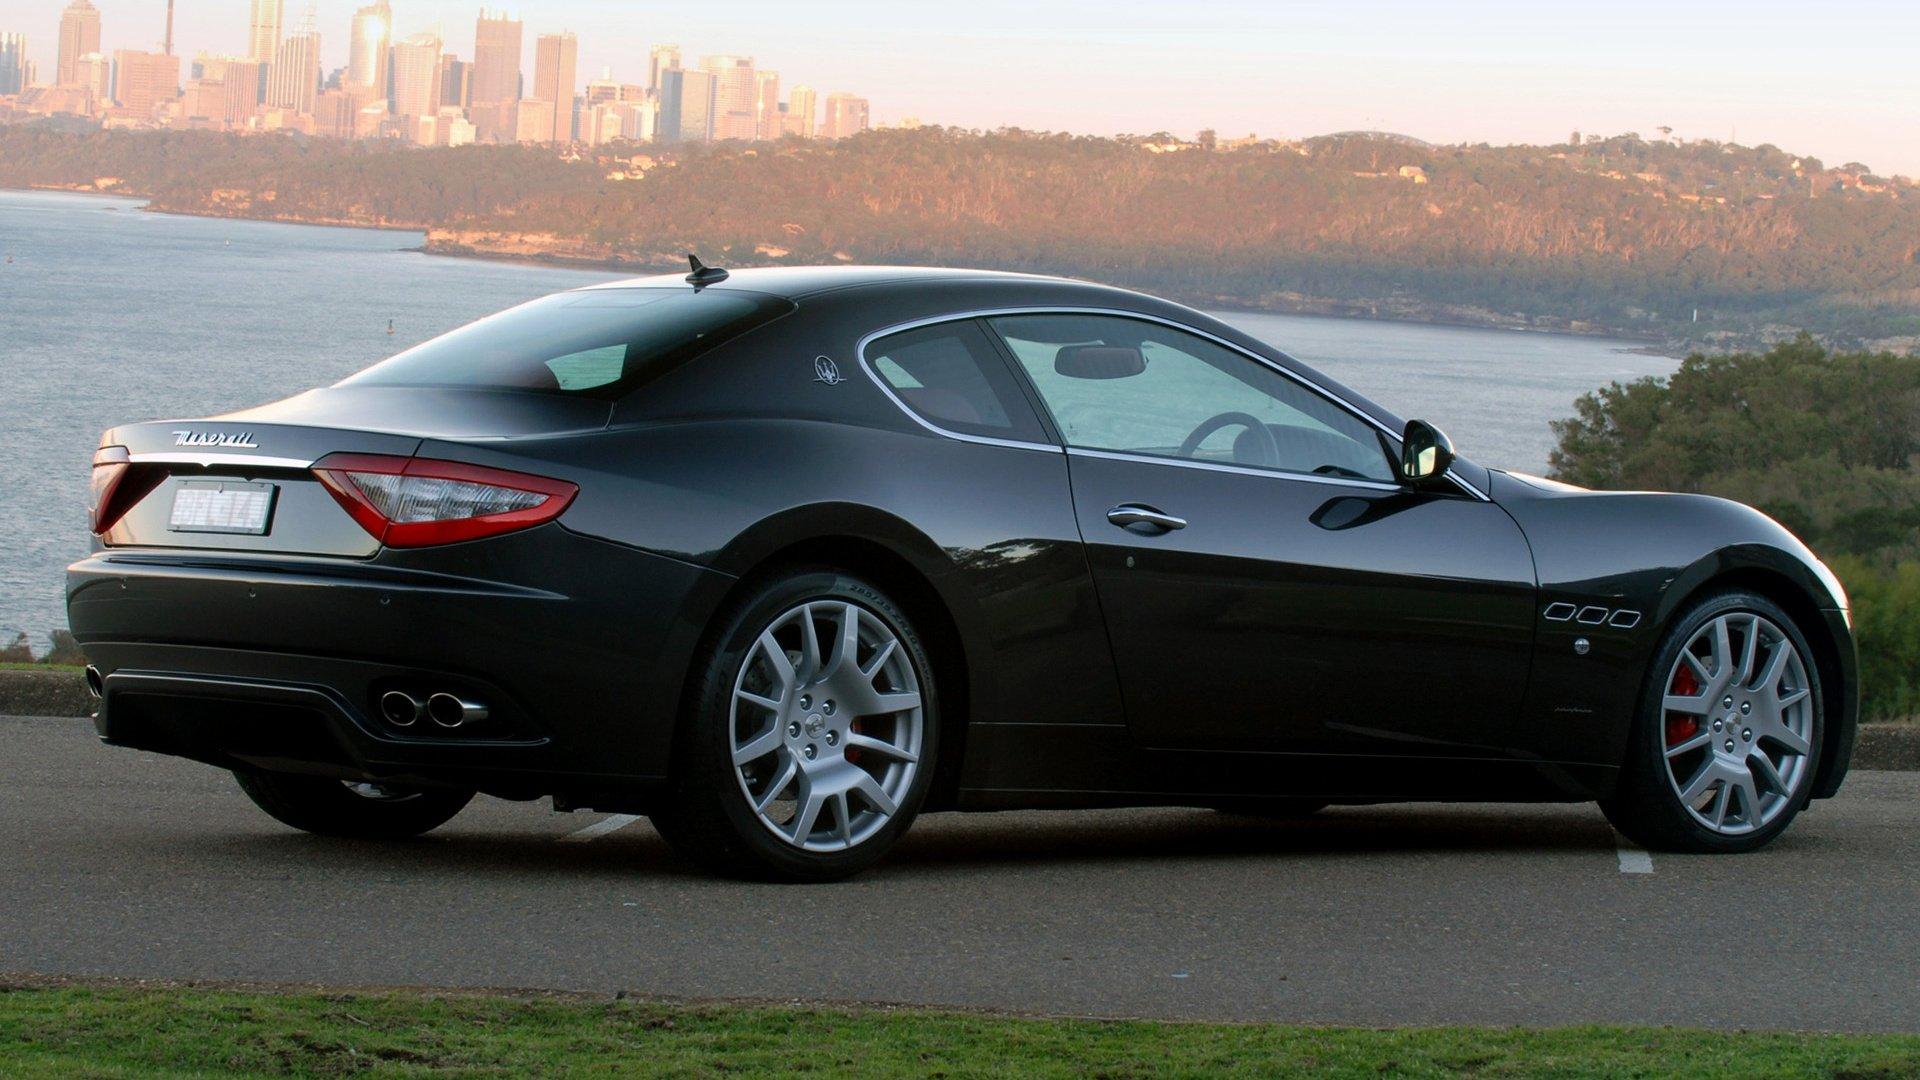 2007 Maserati GranTurismo HD Wallpaper   Background Image ...